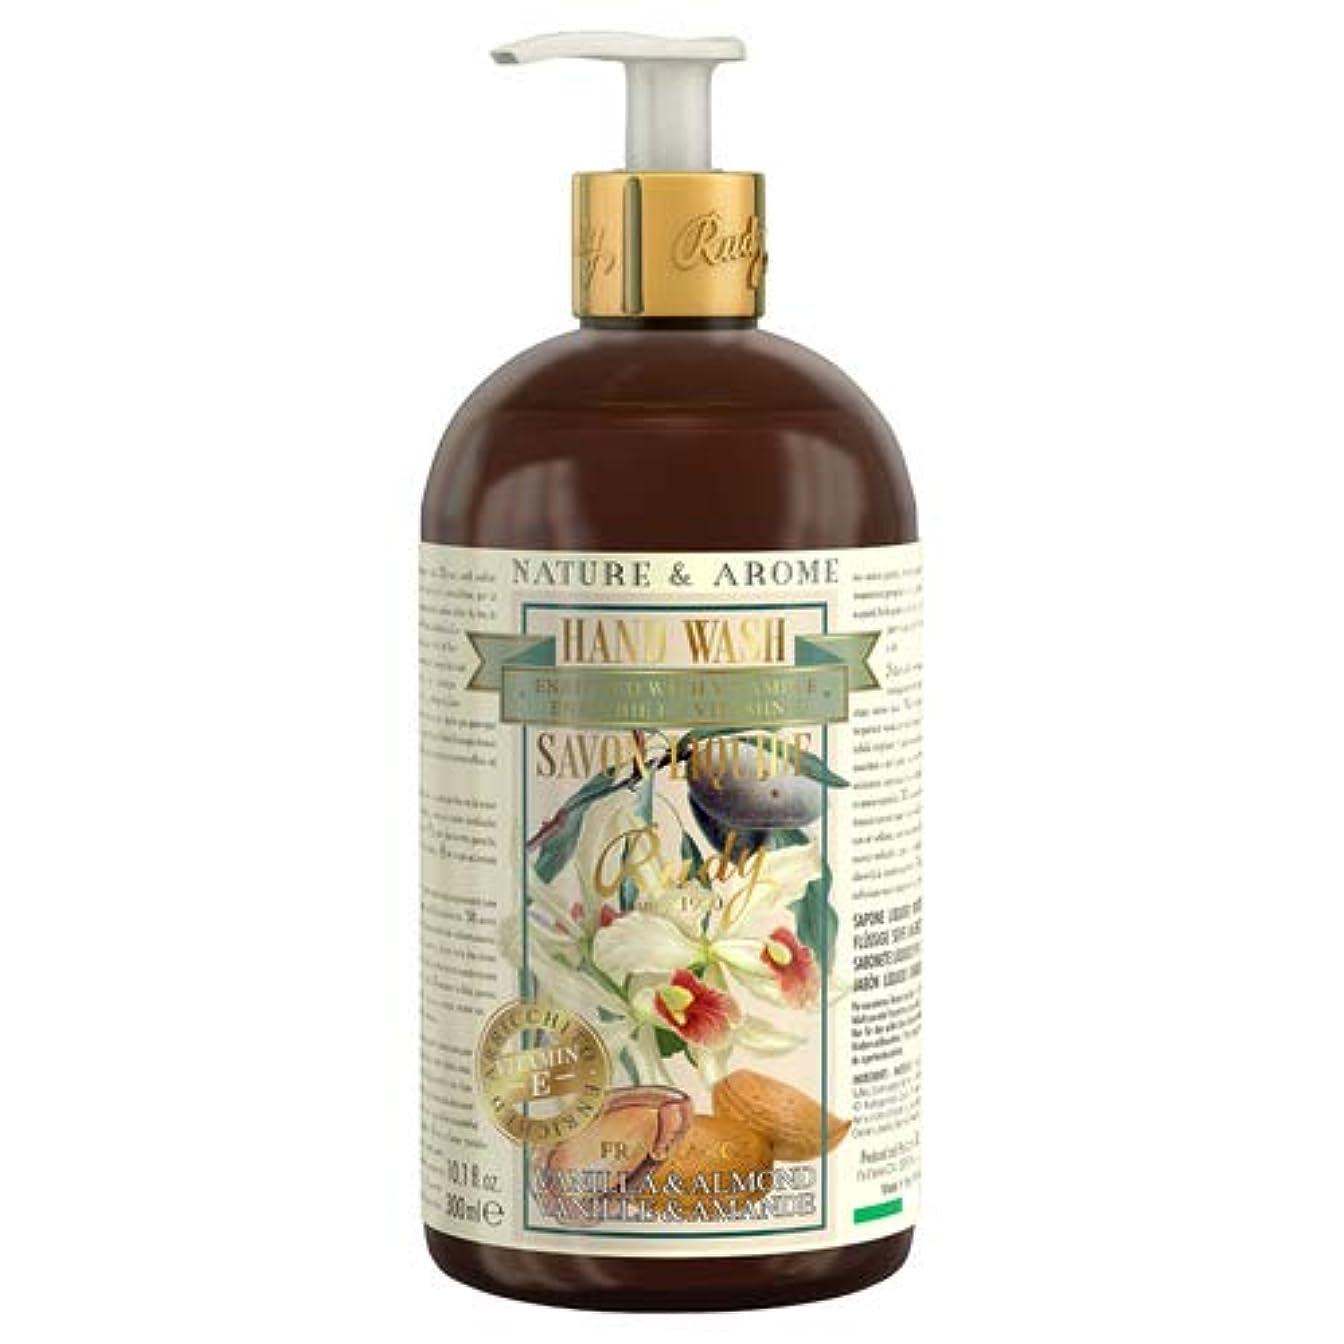 ポケット建設フィットルディ(Rudy) RUDY Nature&Arome Apothecary ネイチャーアロマ アポセカリー Hand Wash ハンドウォッシュ(ボディソープ) Vanilla & Almond バニラ&アーモンド